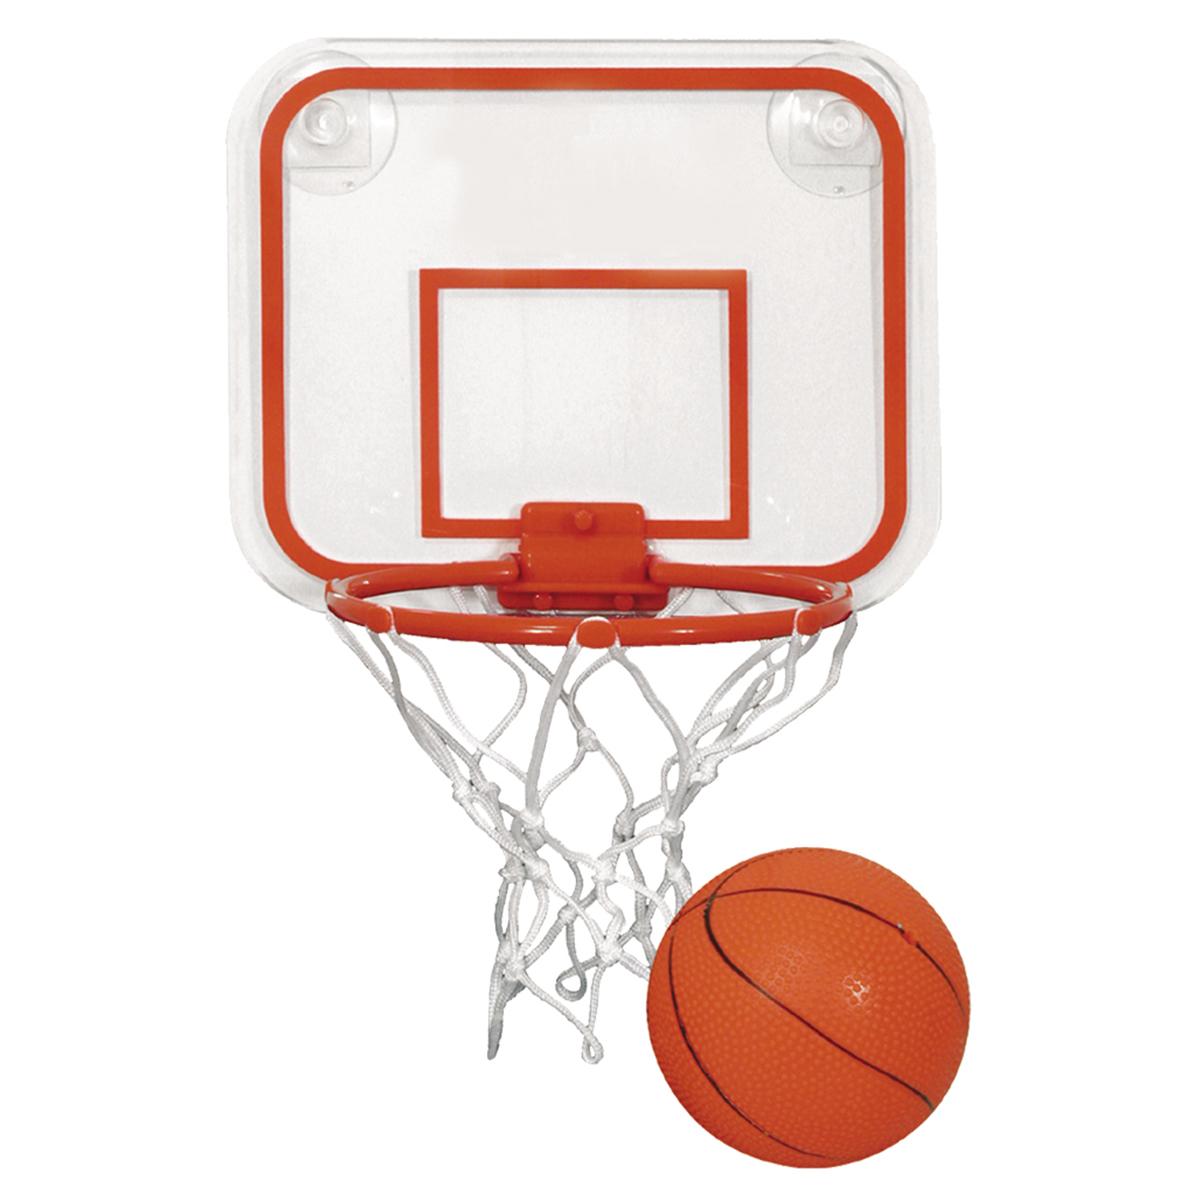 54 - Mini set de basketball y canasta